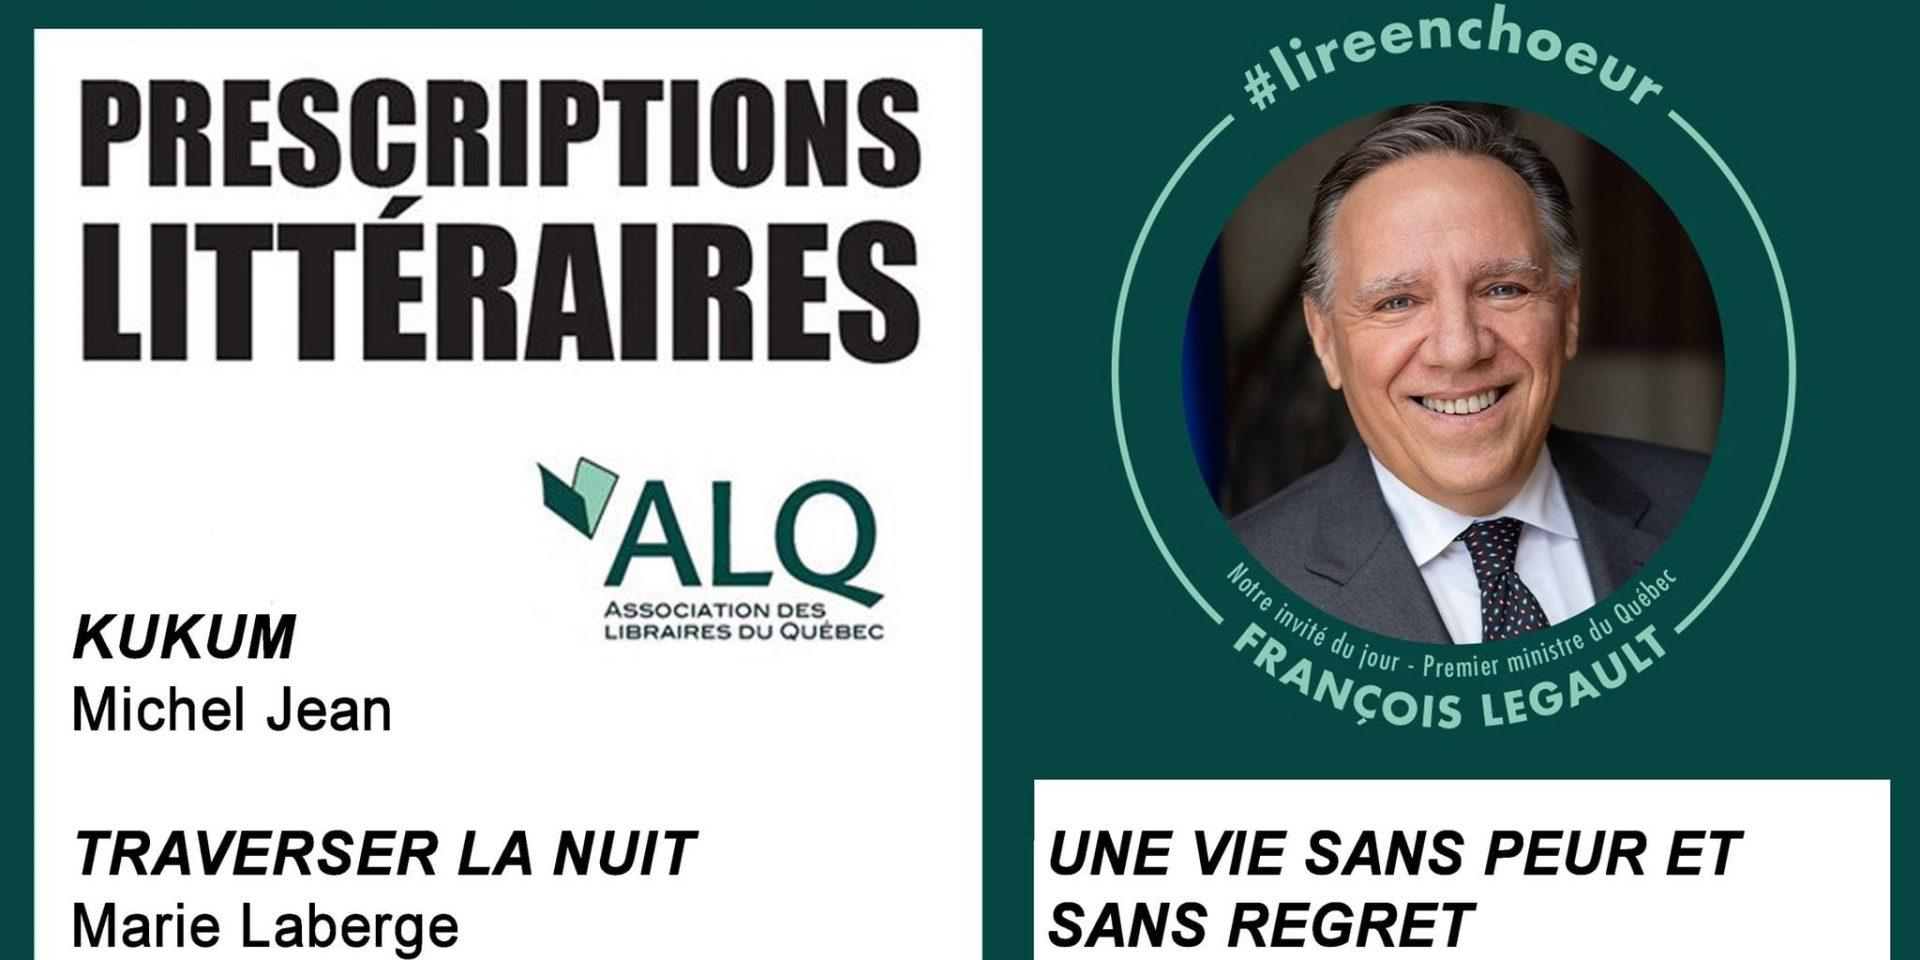 Liste de lectures de Legault: ce que tous les gestionnaires doivent retenir du fiasco de l'ALQ